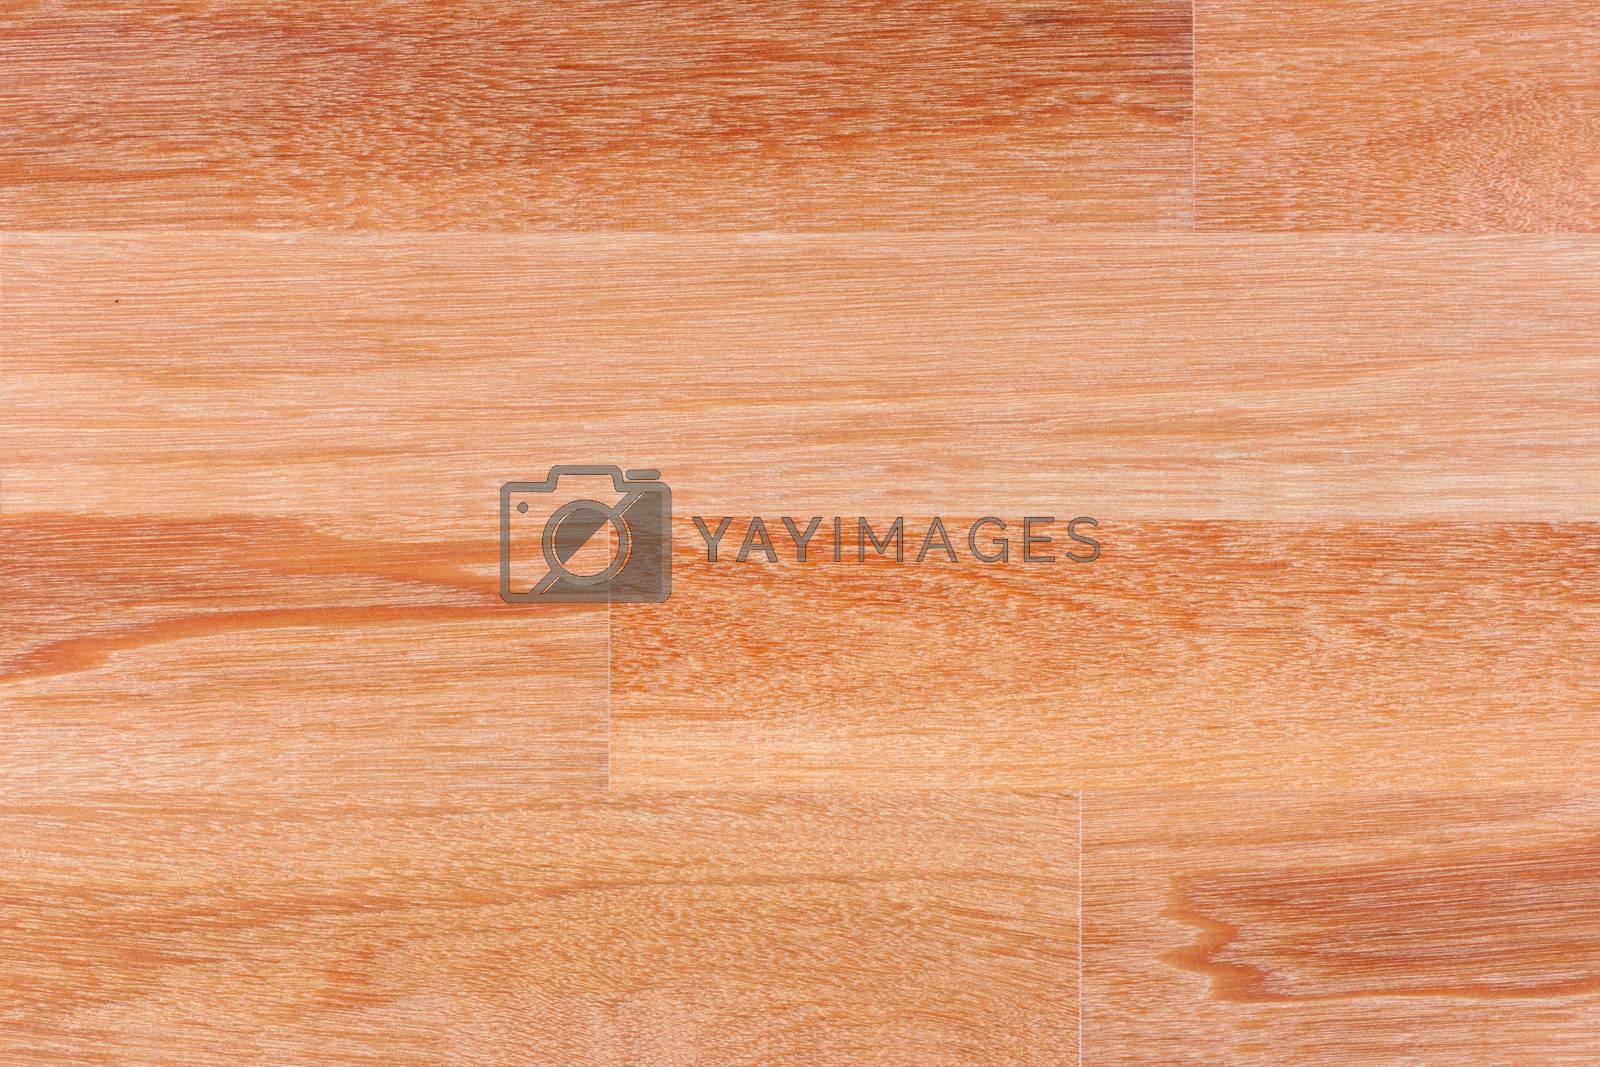 parquet texture background